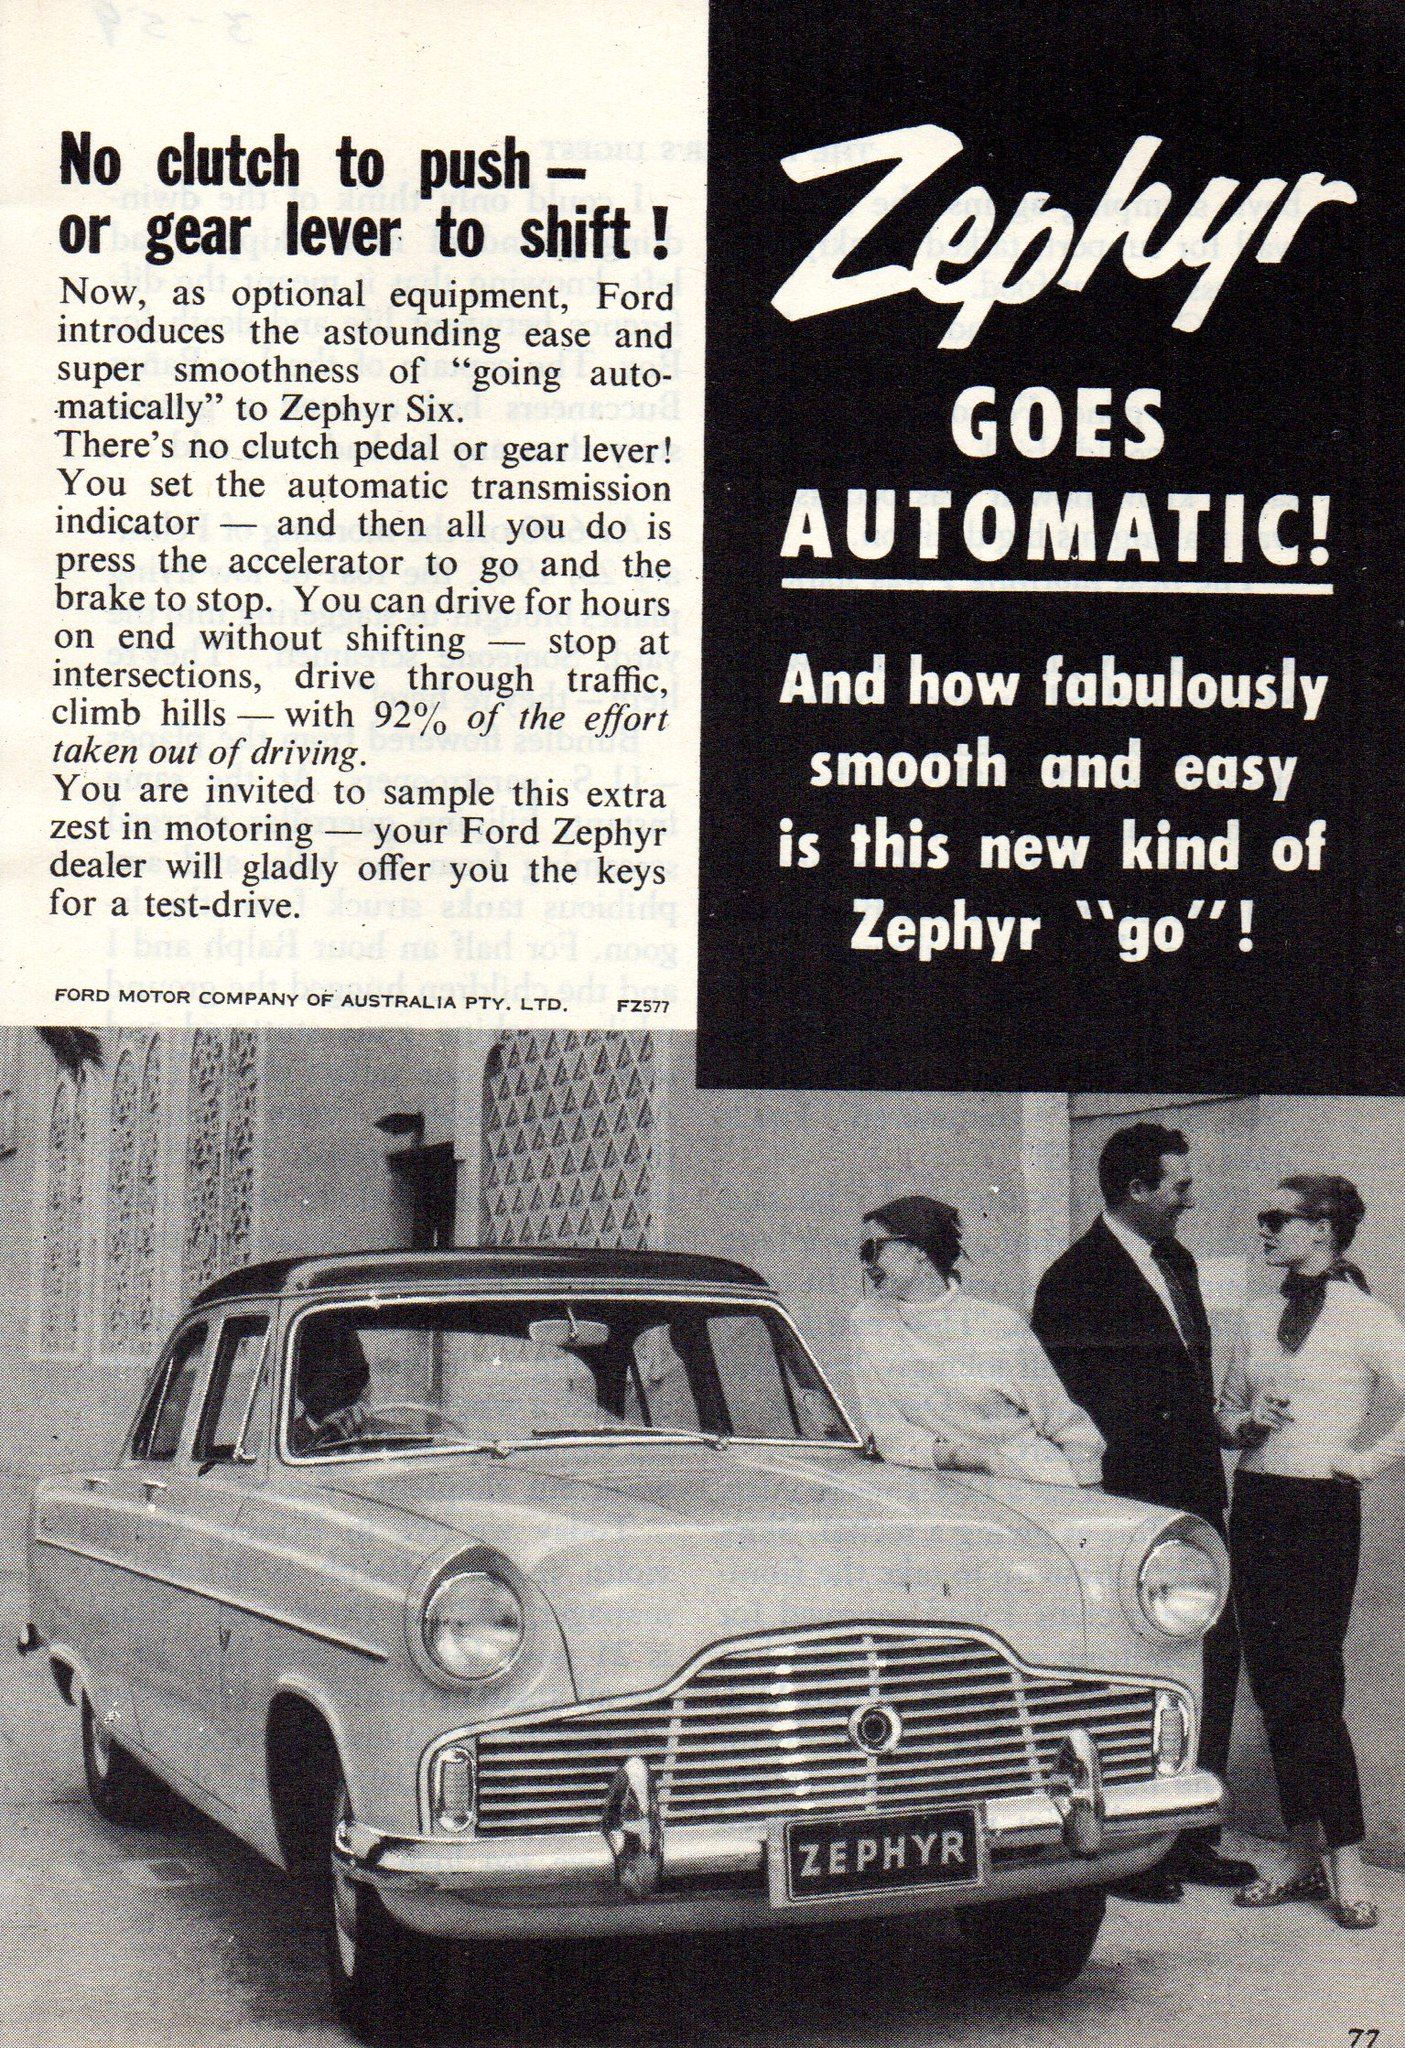 1959 Ford Zephyr Six Mark Ii Sedan Aussie Advertsement Ford